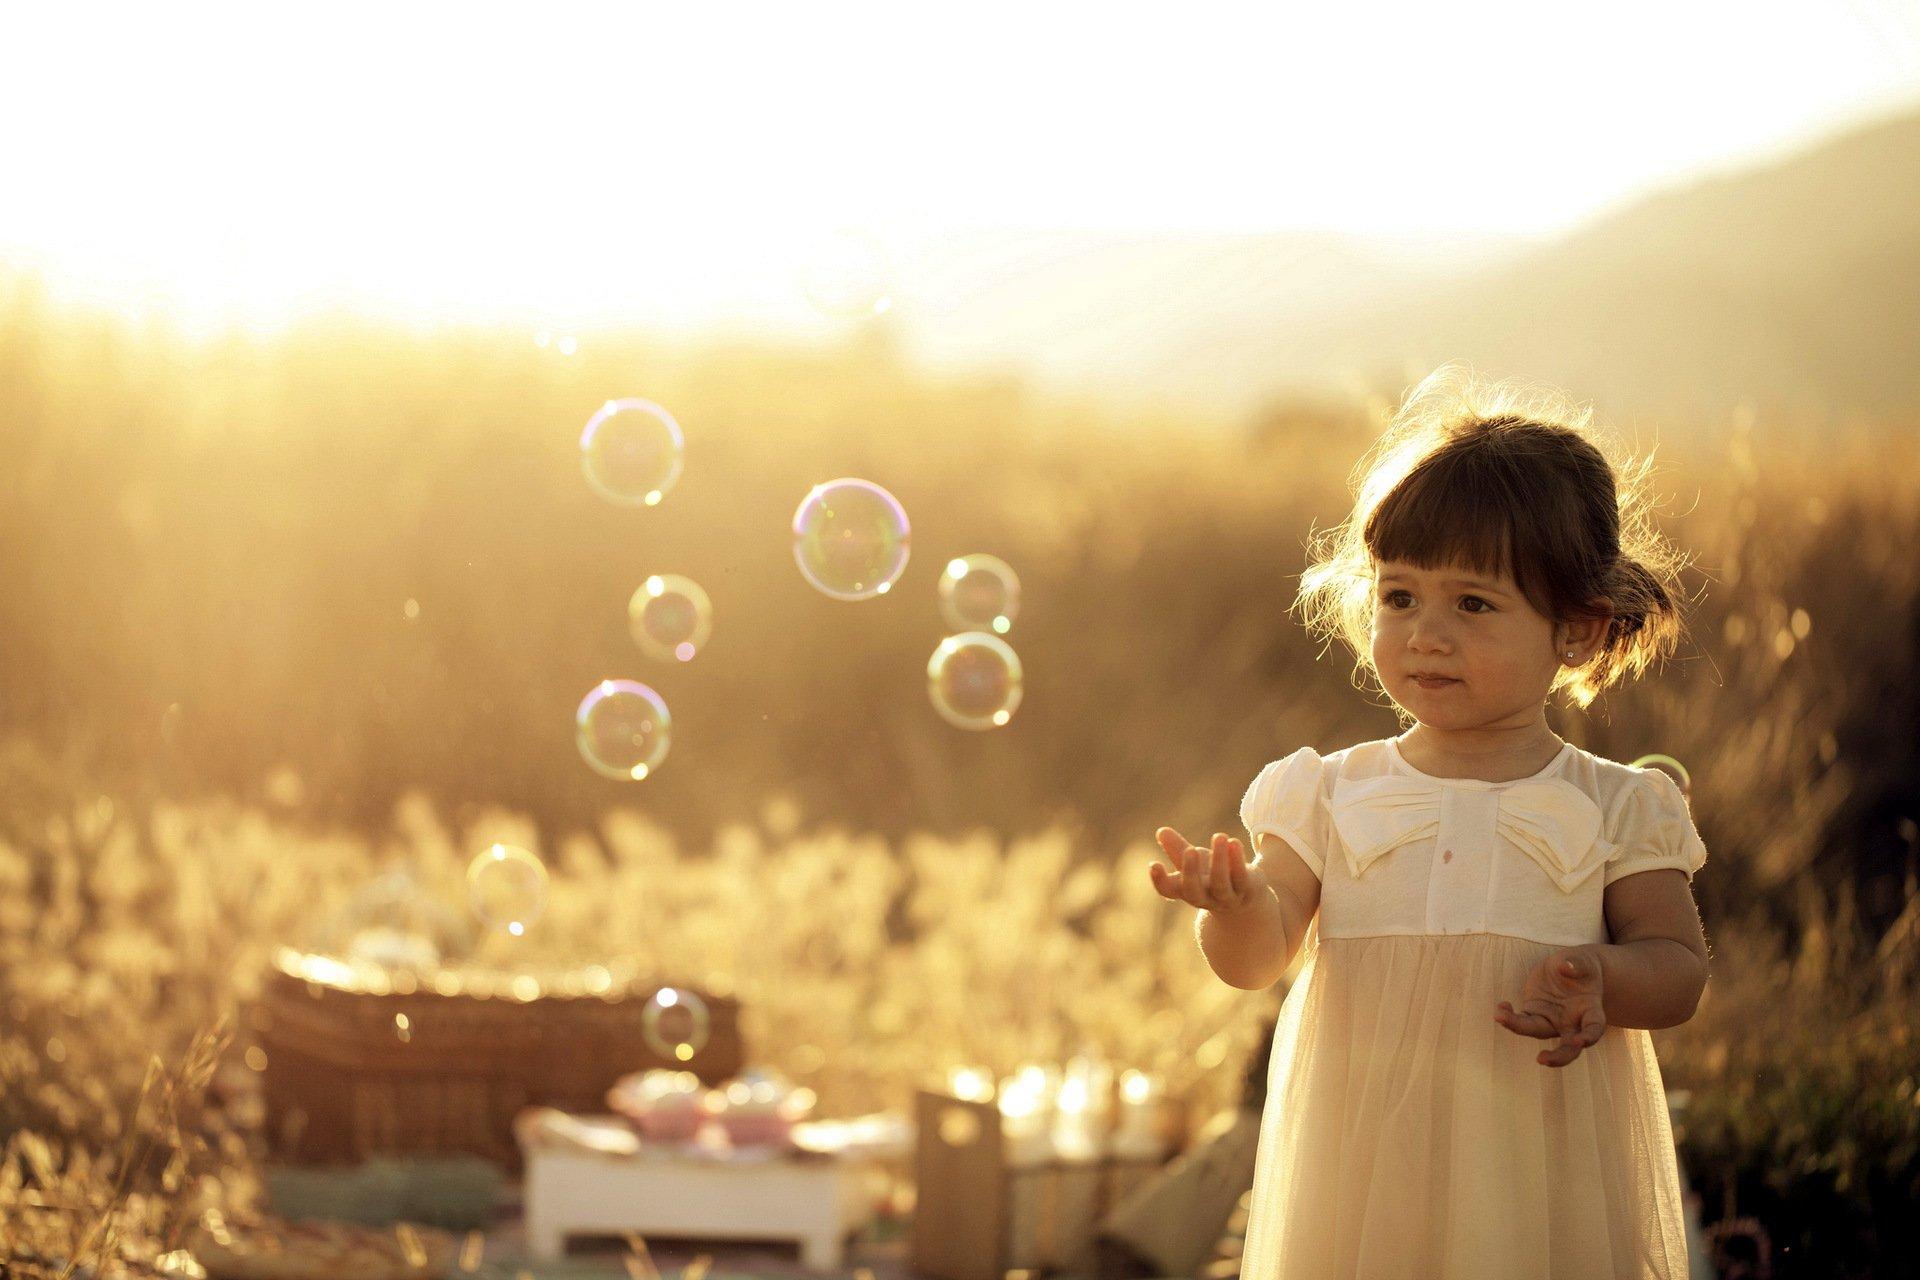 милая девочка с мыльными пузырями  № 1823236 без смс